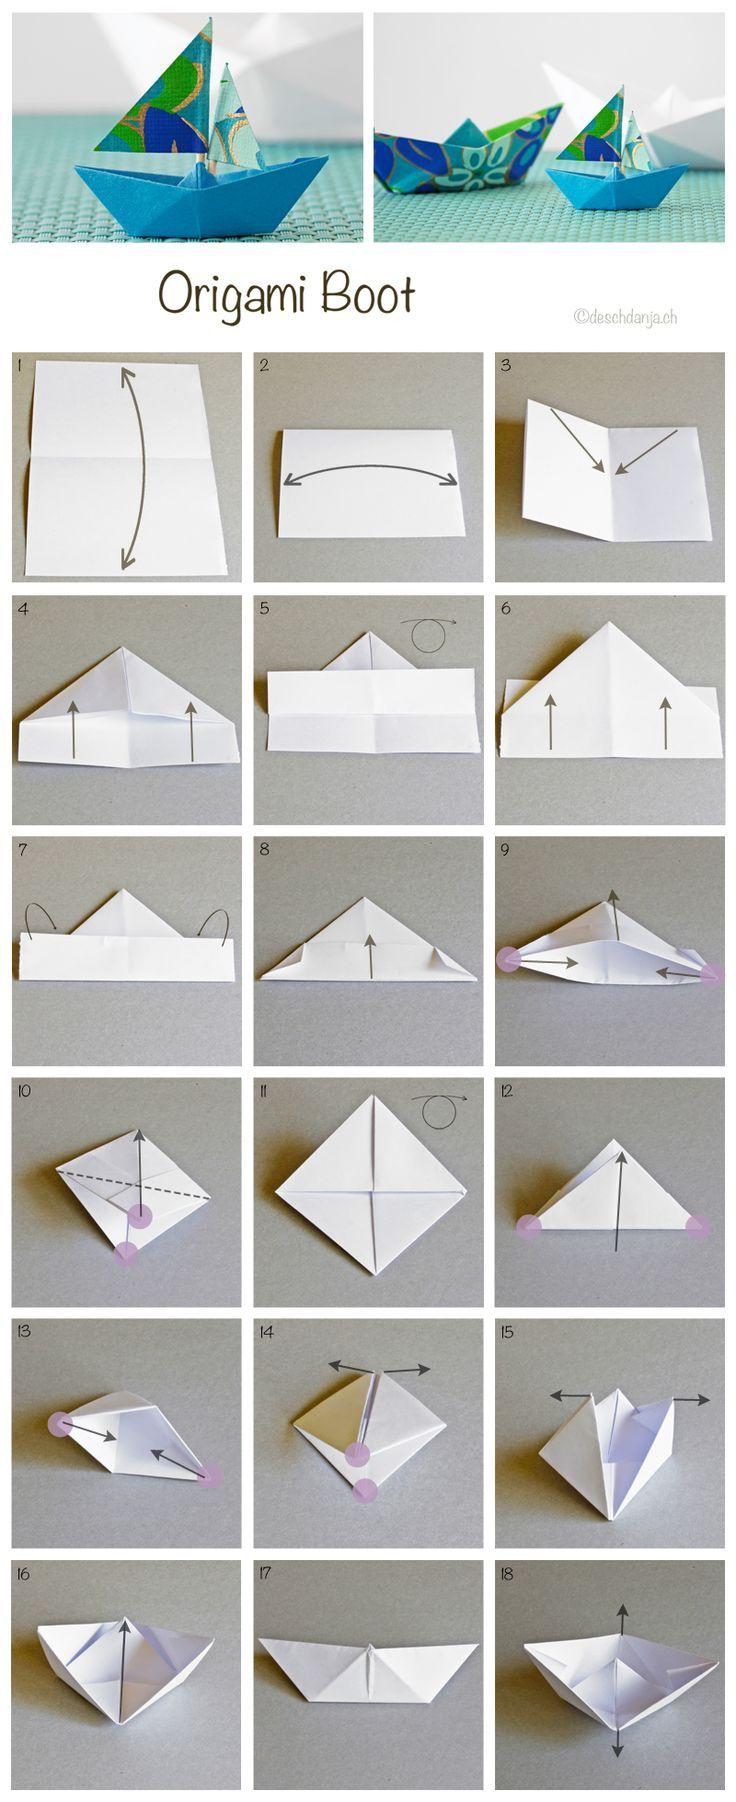 Origami de bateau, tutoriel de pliage de bateau pour enfant. Activité pour enfants pour les mamans ou les maîtresses d'école.  #origami #origamibateau #pliagebateau